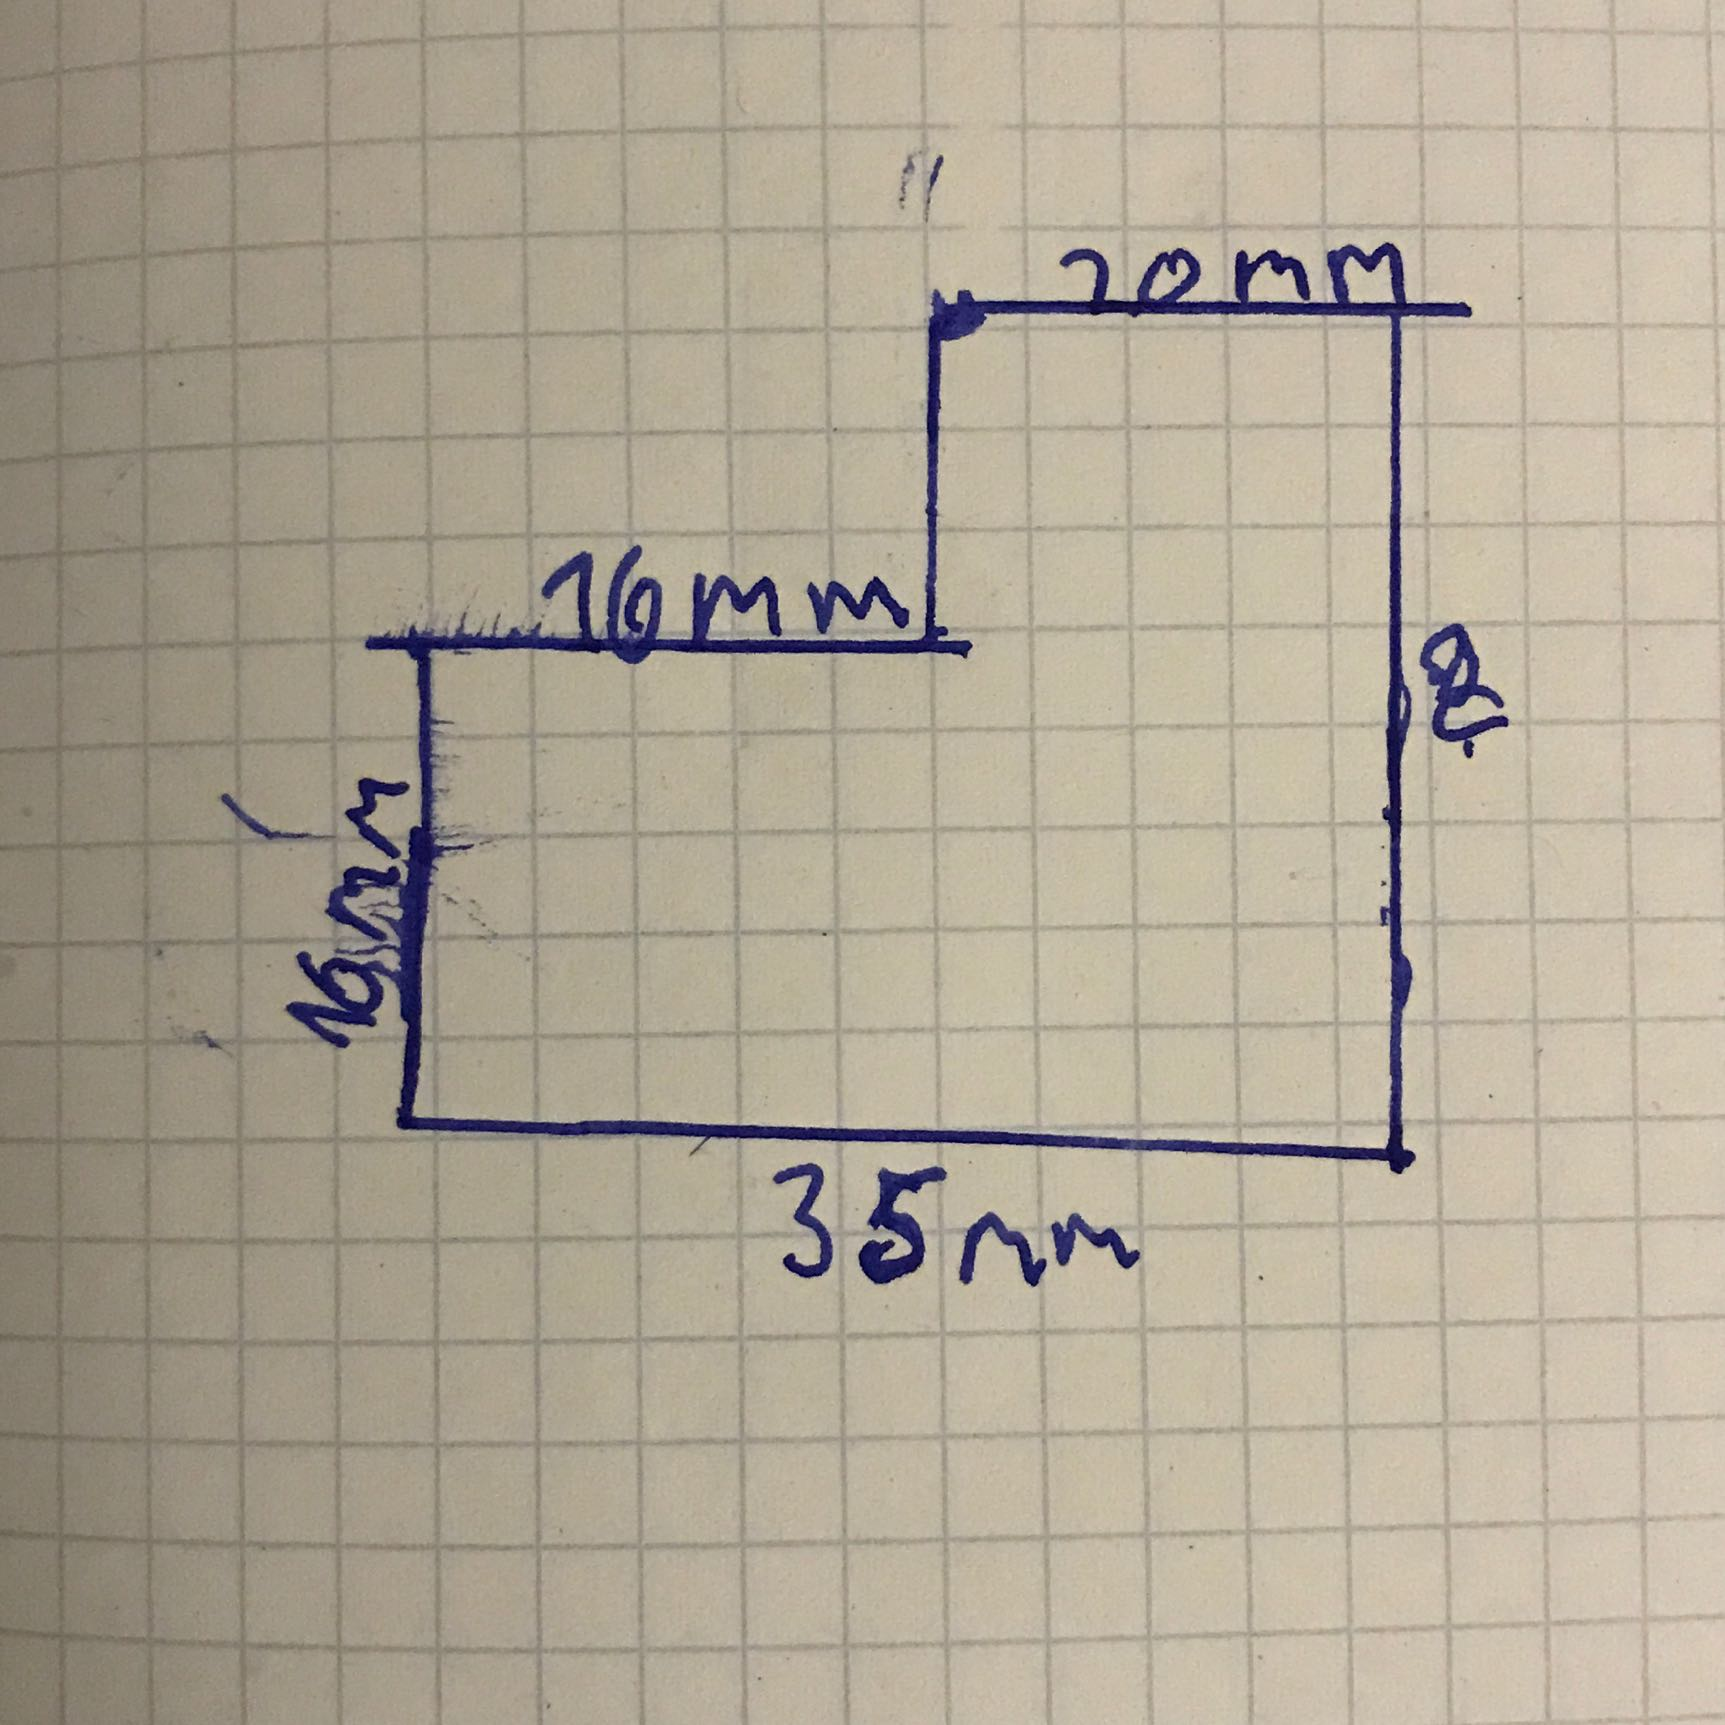 Wie rechnet man das aus?Zusammengesetzte Flächen? (Schule